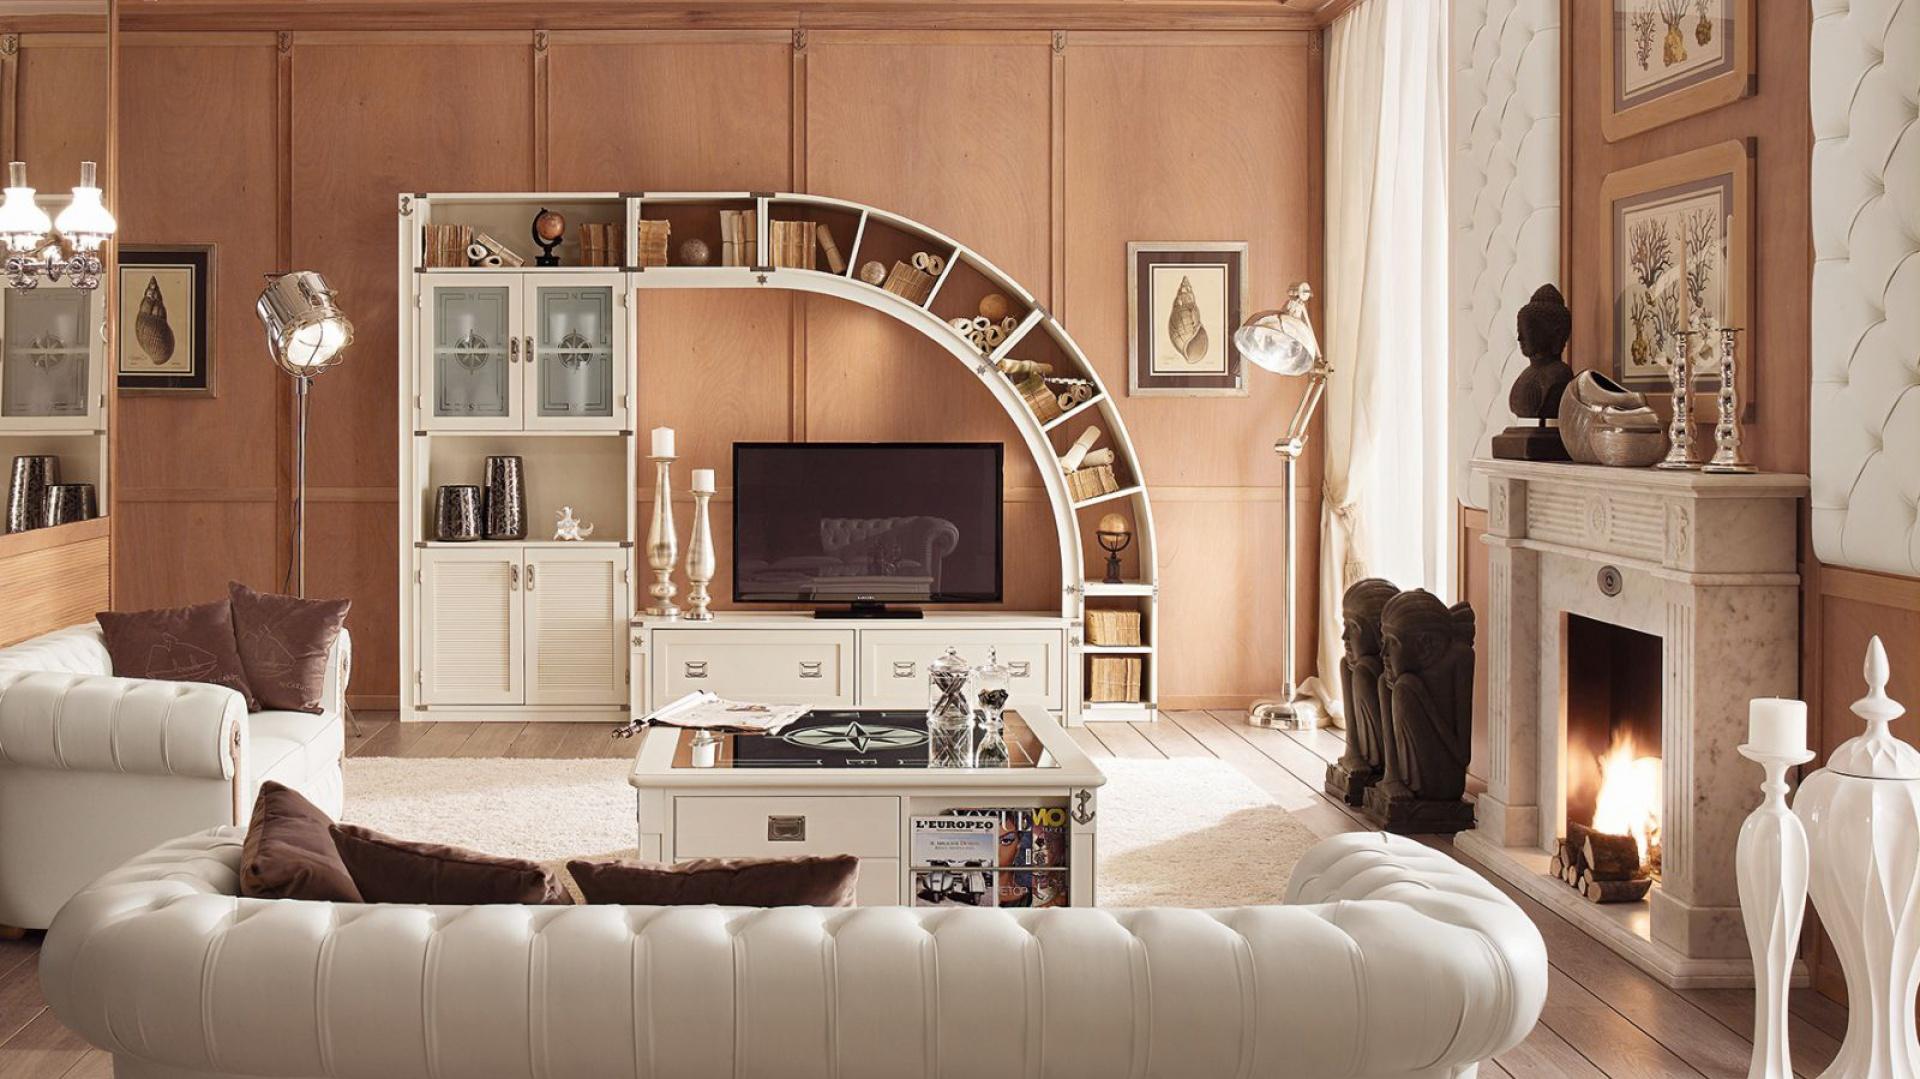 Oryginalna meblościanka i jasne wypoczynki wyróżniają się na tle ścian w kolorze drewna, tworząc ciepłą, elegancką aranżację. Fot. Caroti.